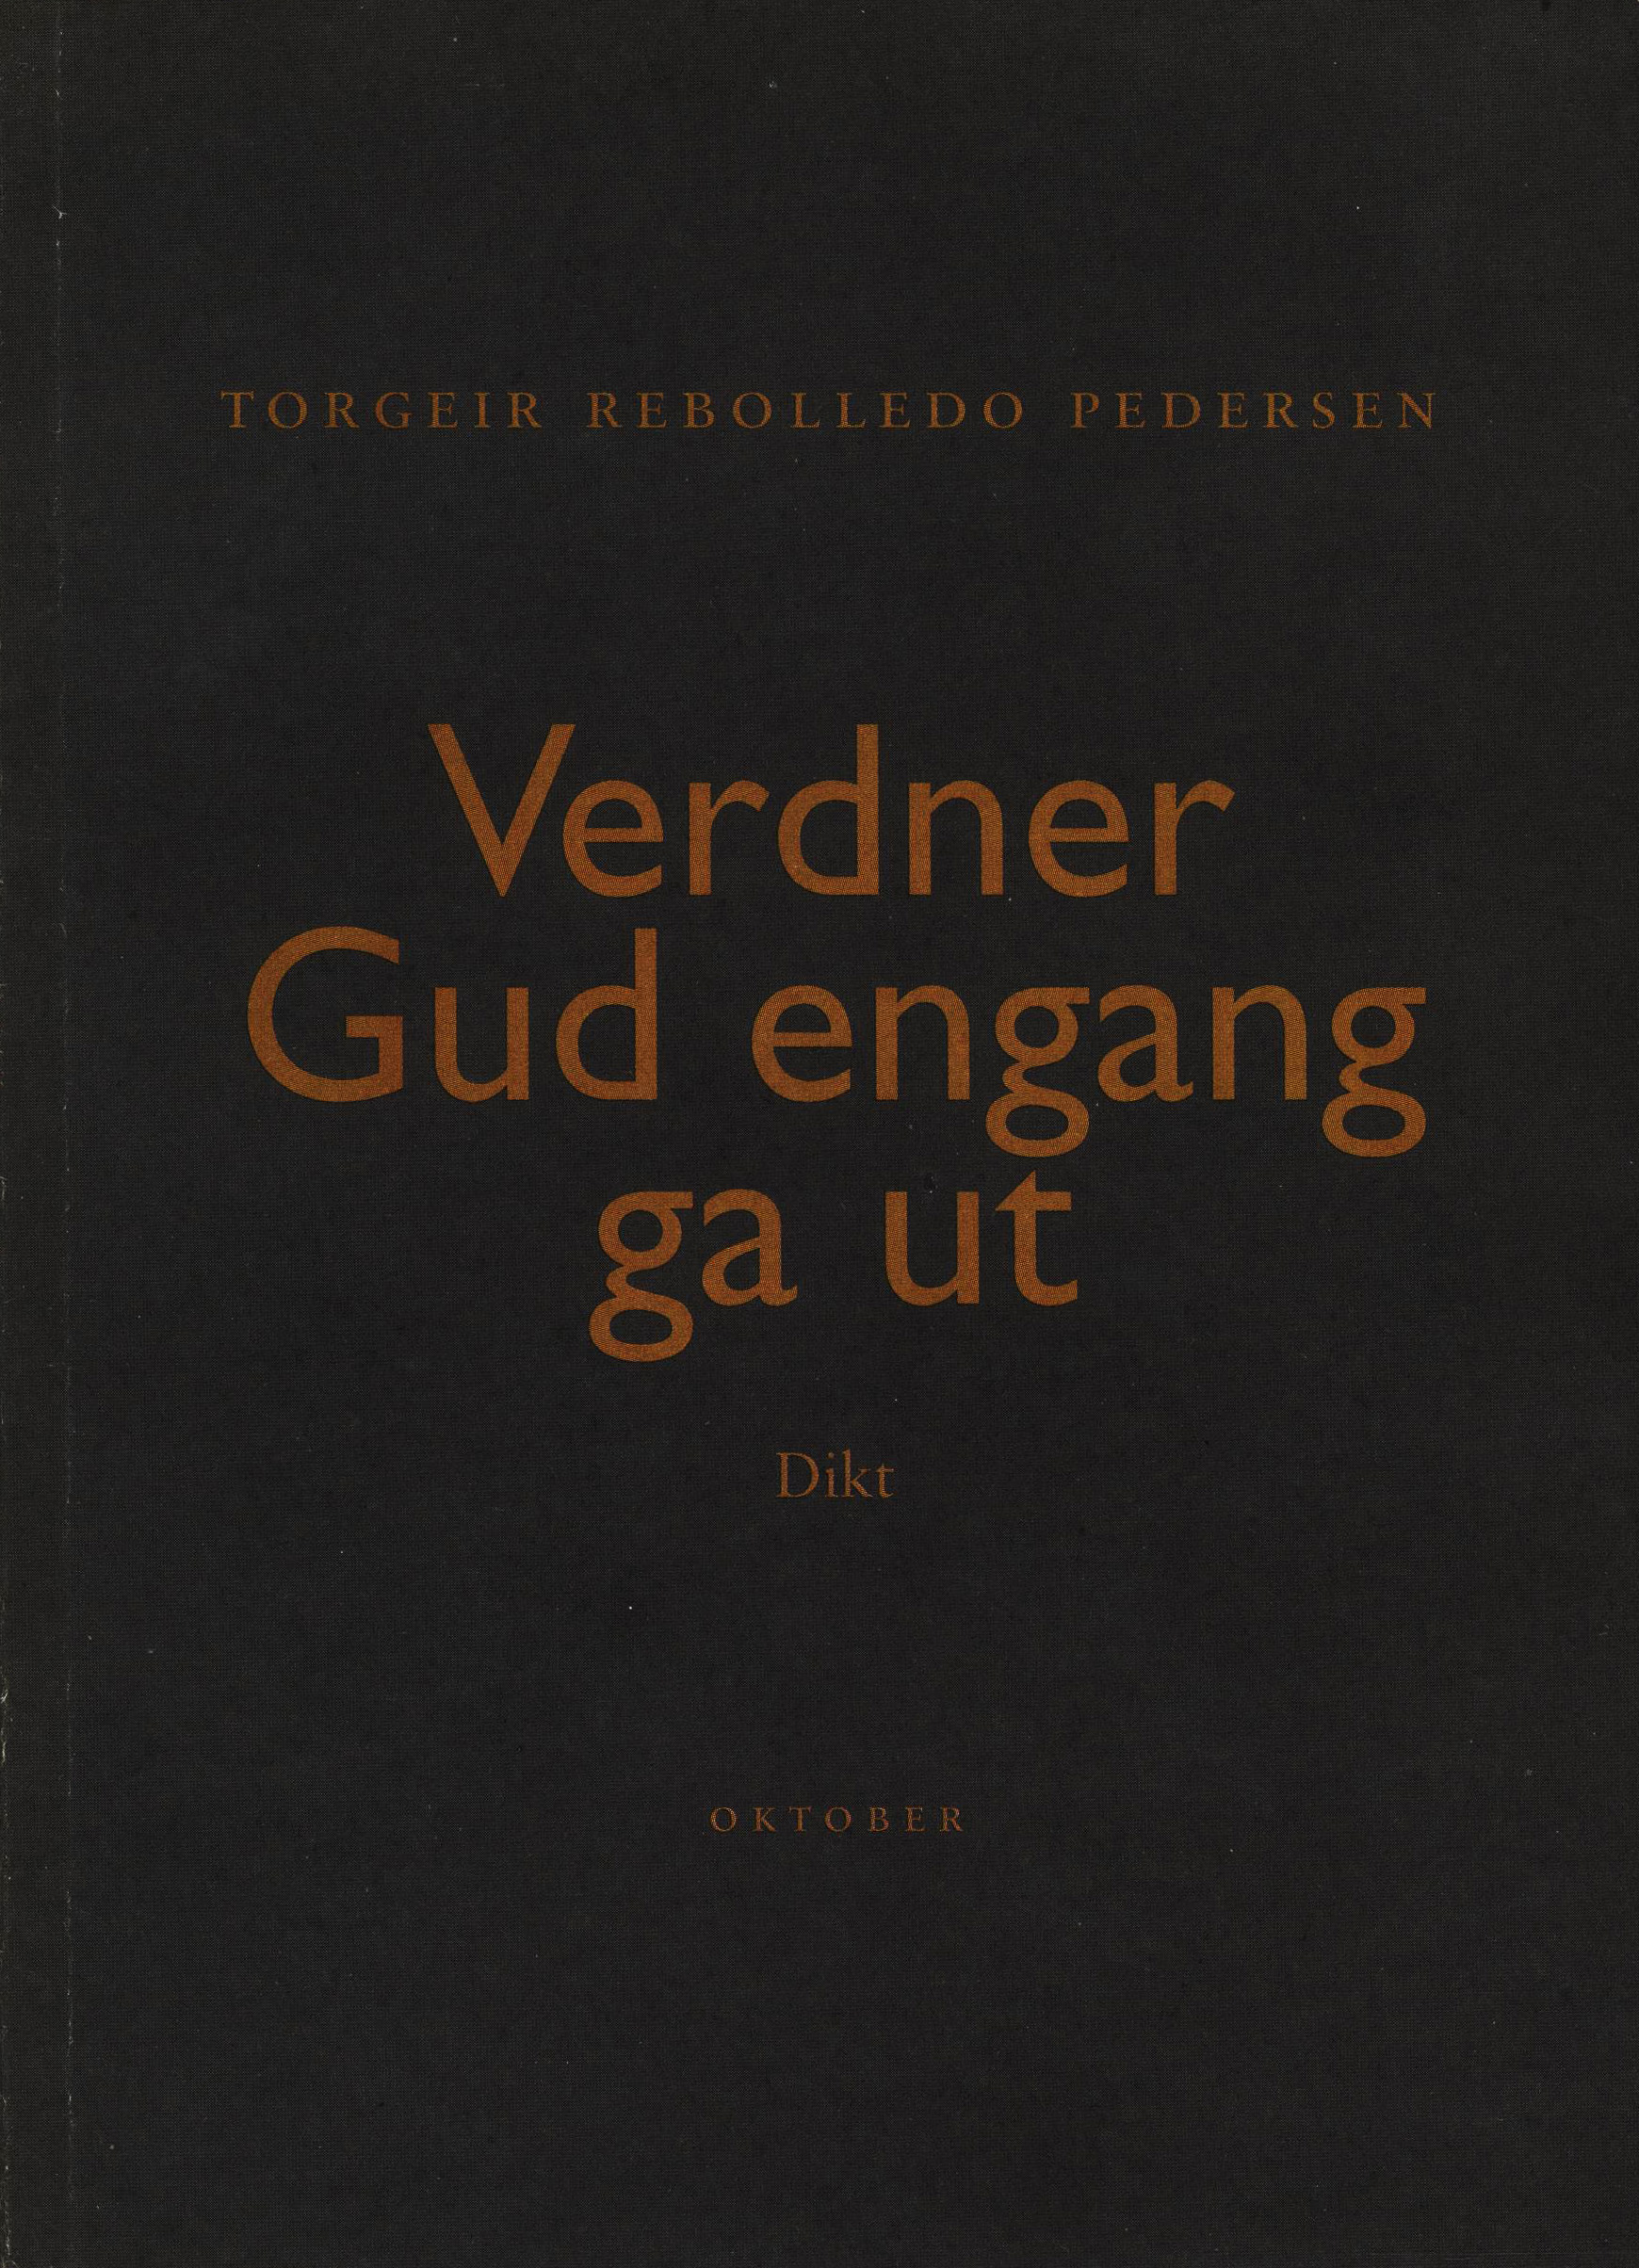 Torgeir Rebolledo Pedersen: Verdner Gud engang ga ut